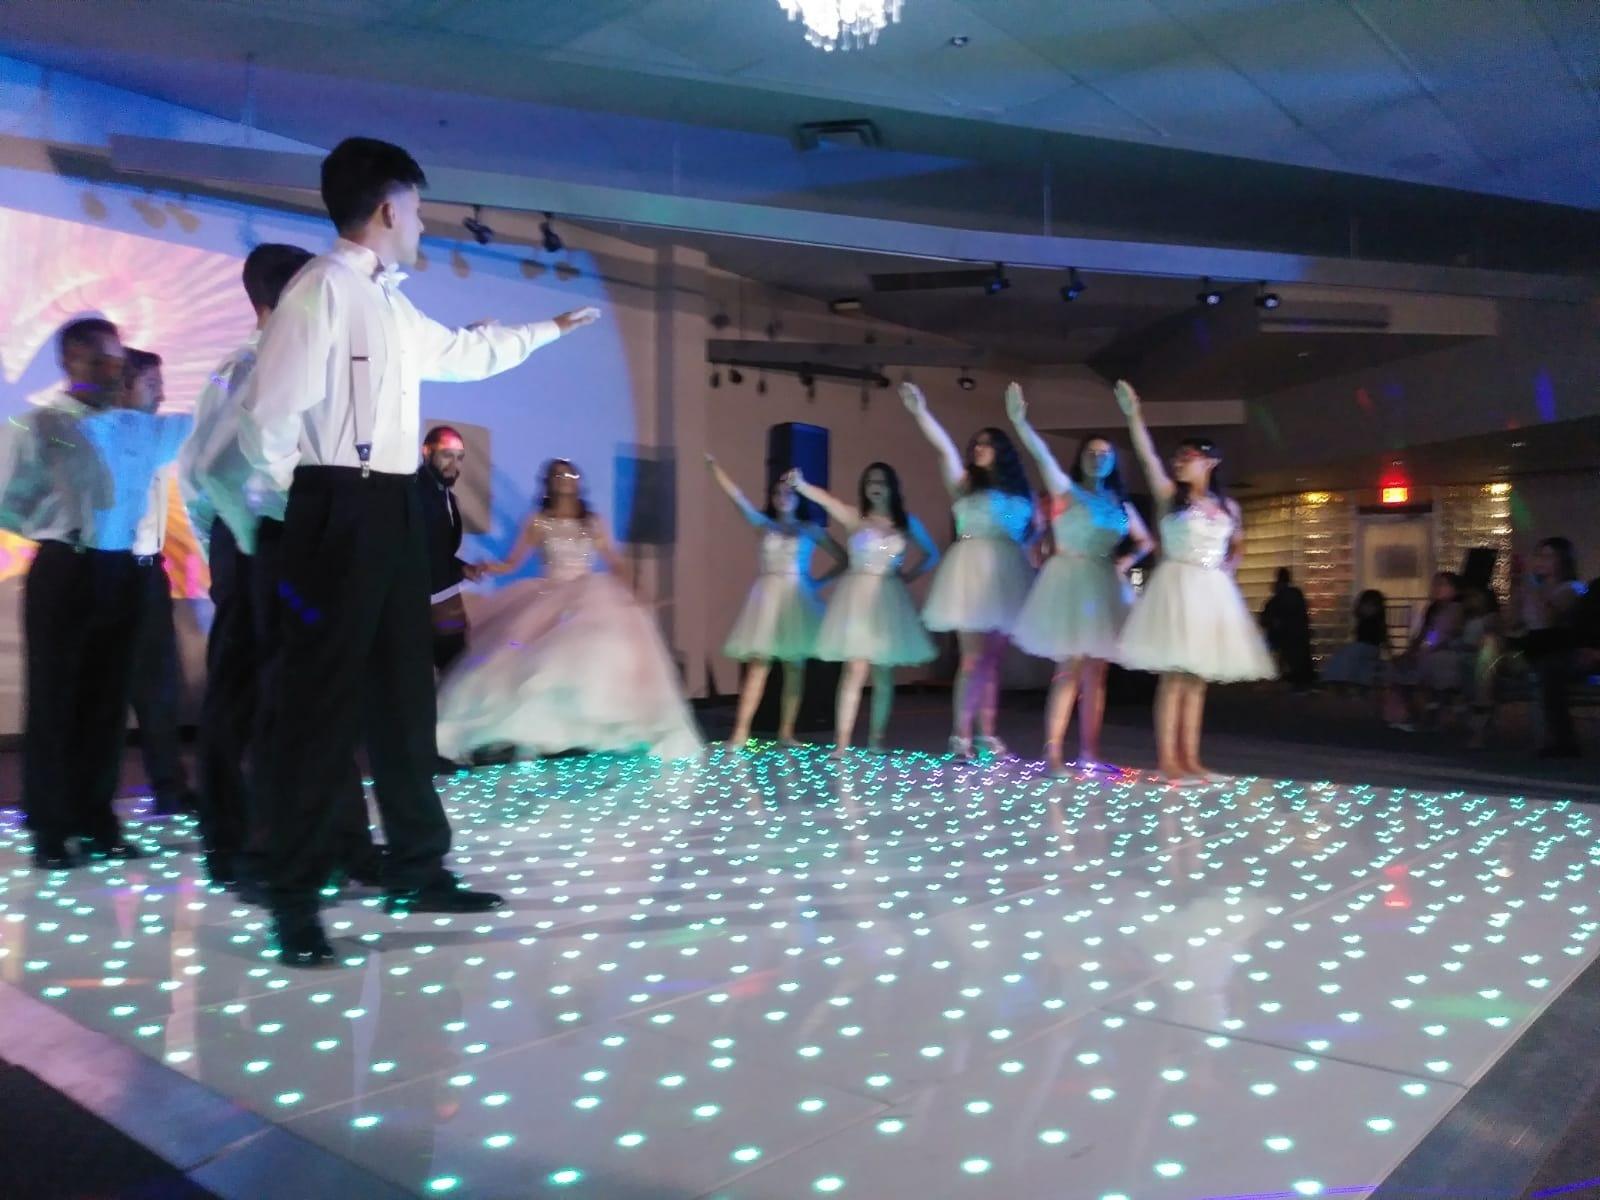 カーショー xxx ビデオ Xxxs の安い LED の星明かりのダンスの床 販売のため